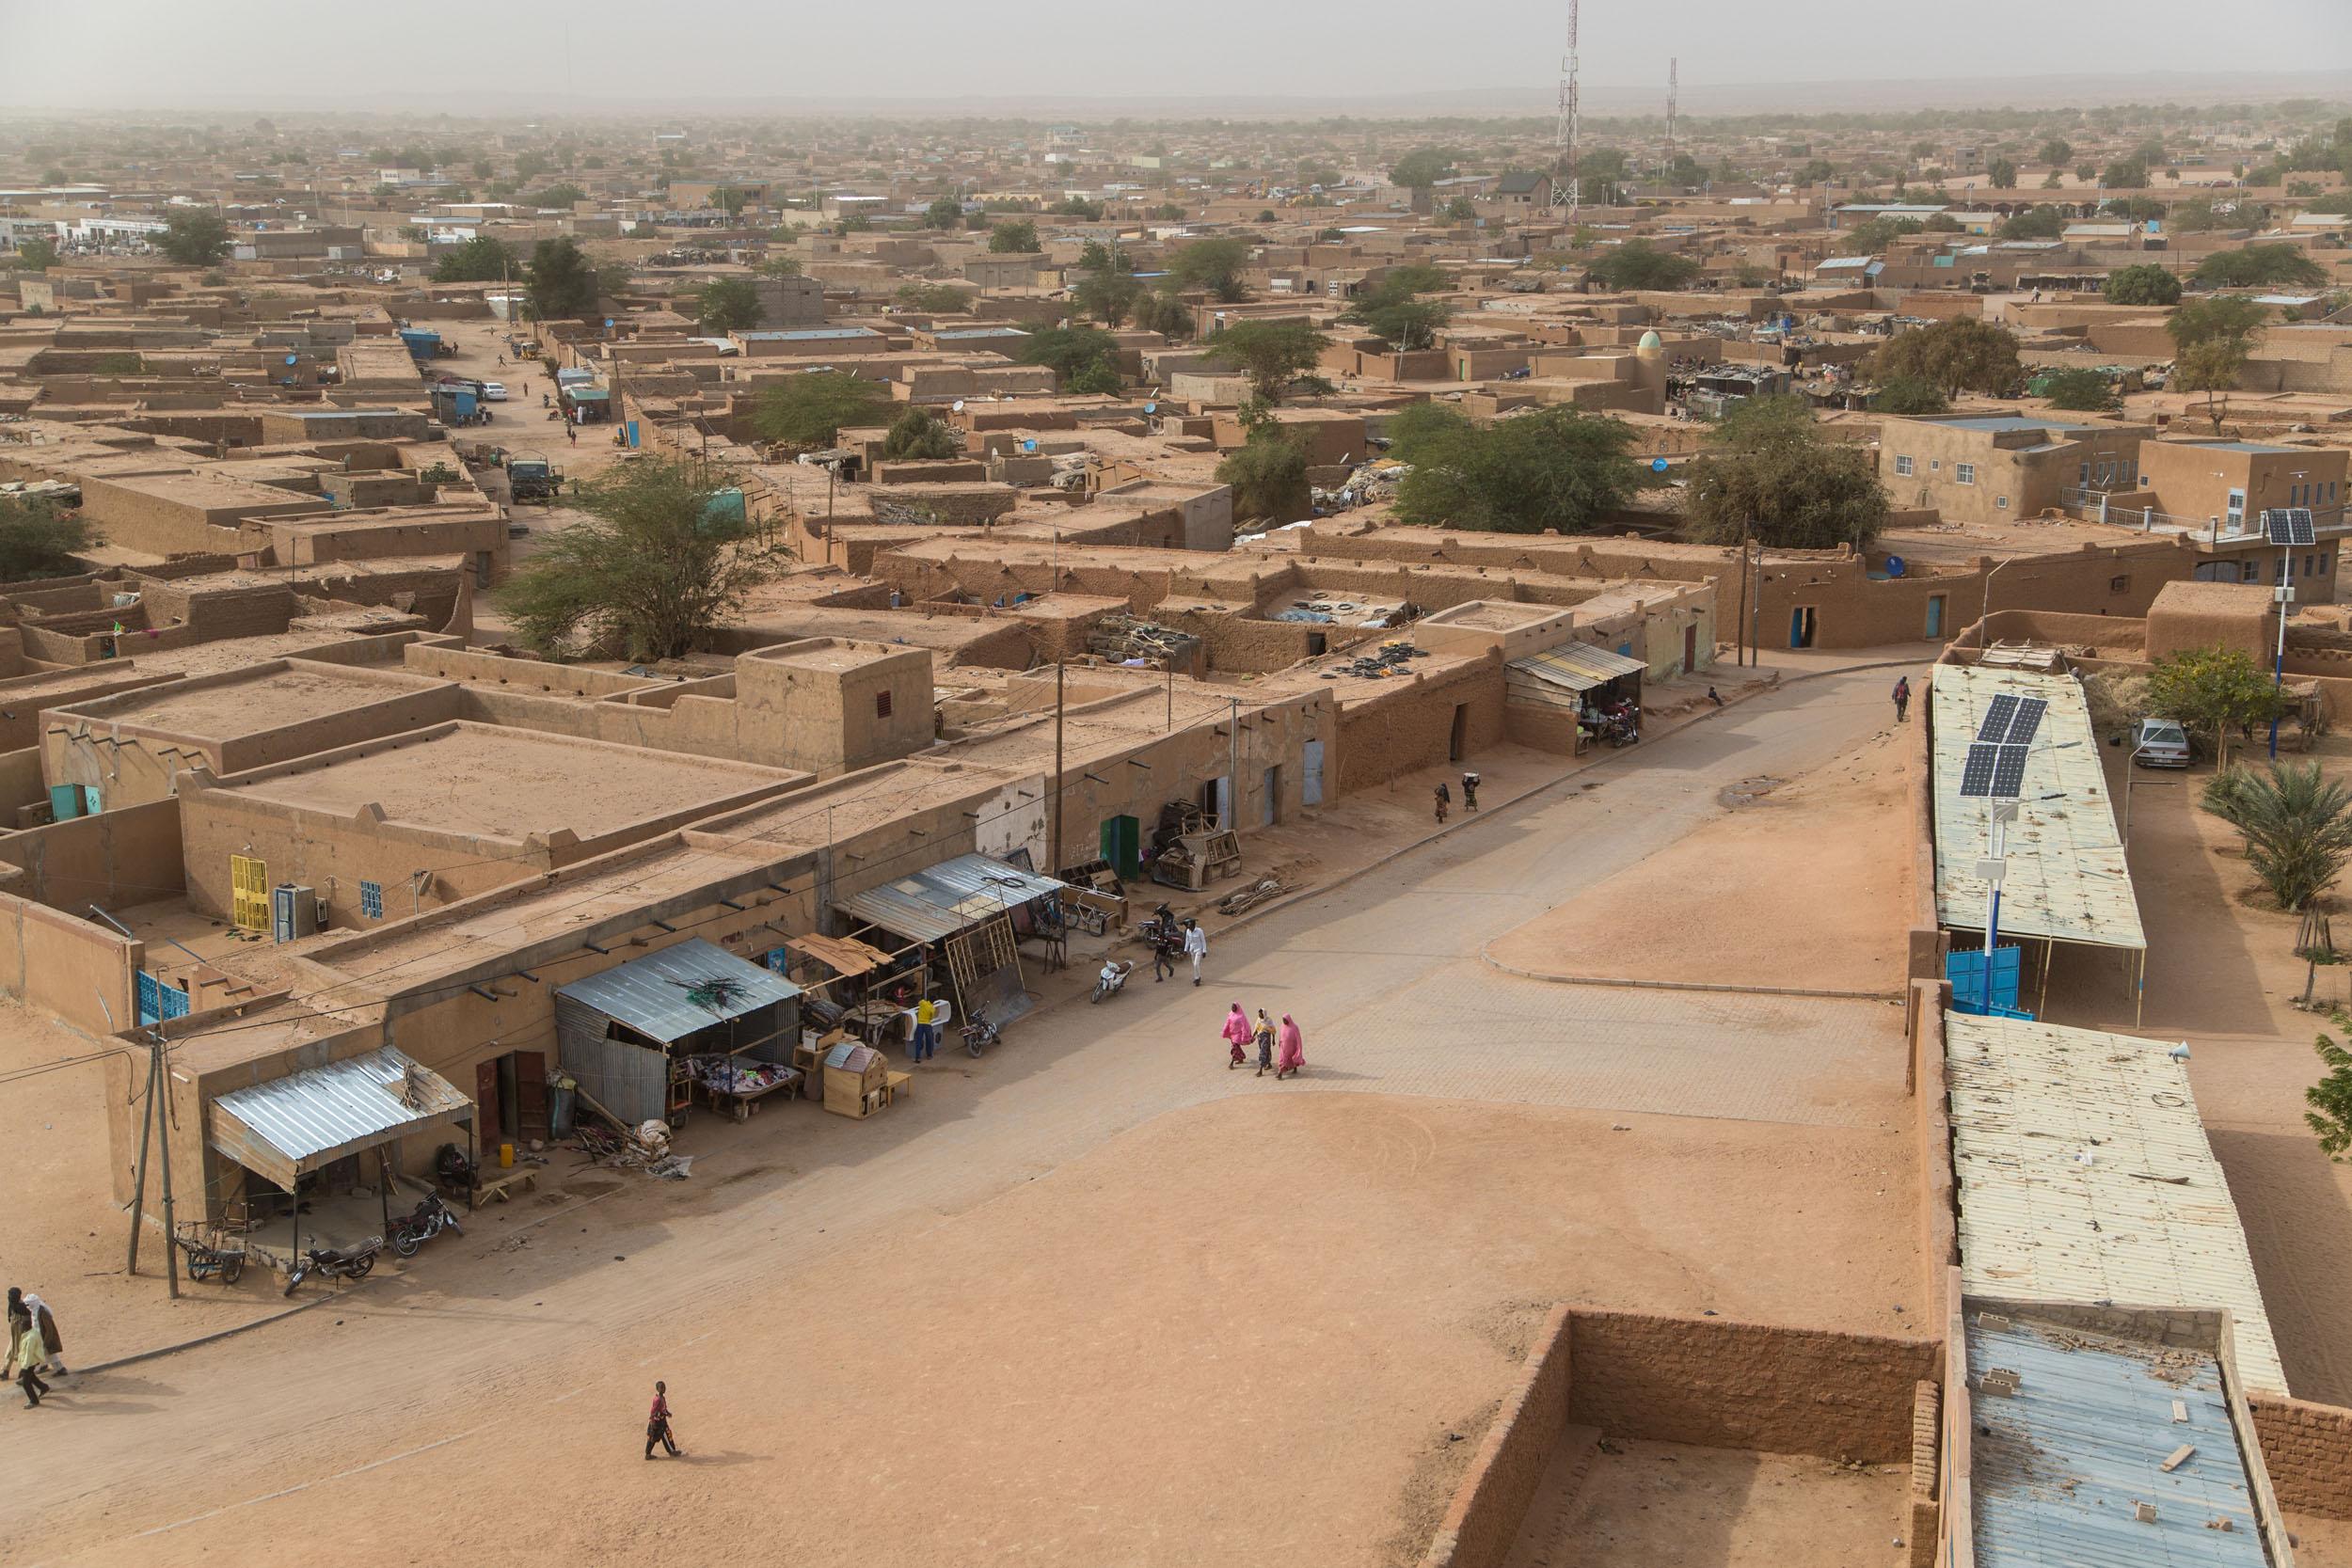 Näkymä Agadeziin moskeijalta. Kaupungissa on yli 120000 asukasta, ja siellä on useita eri etnisiä ryhmiä.